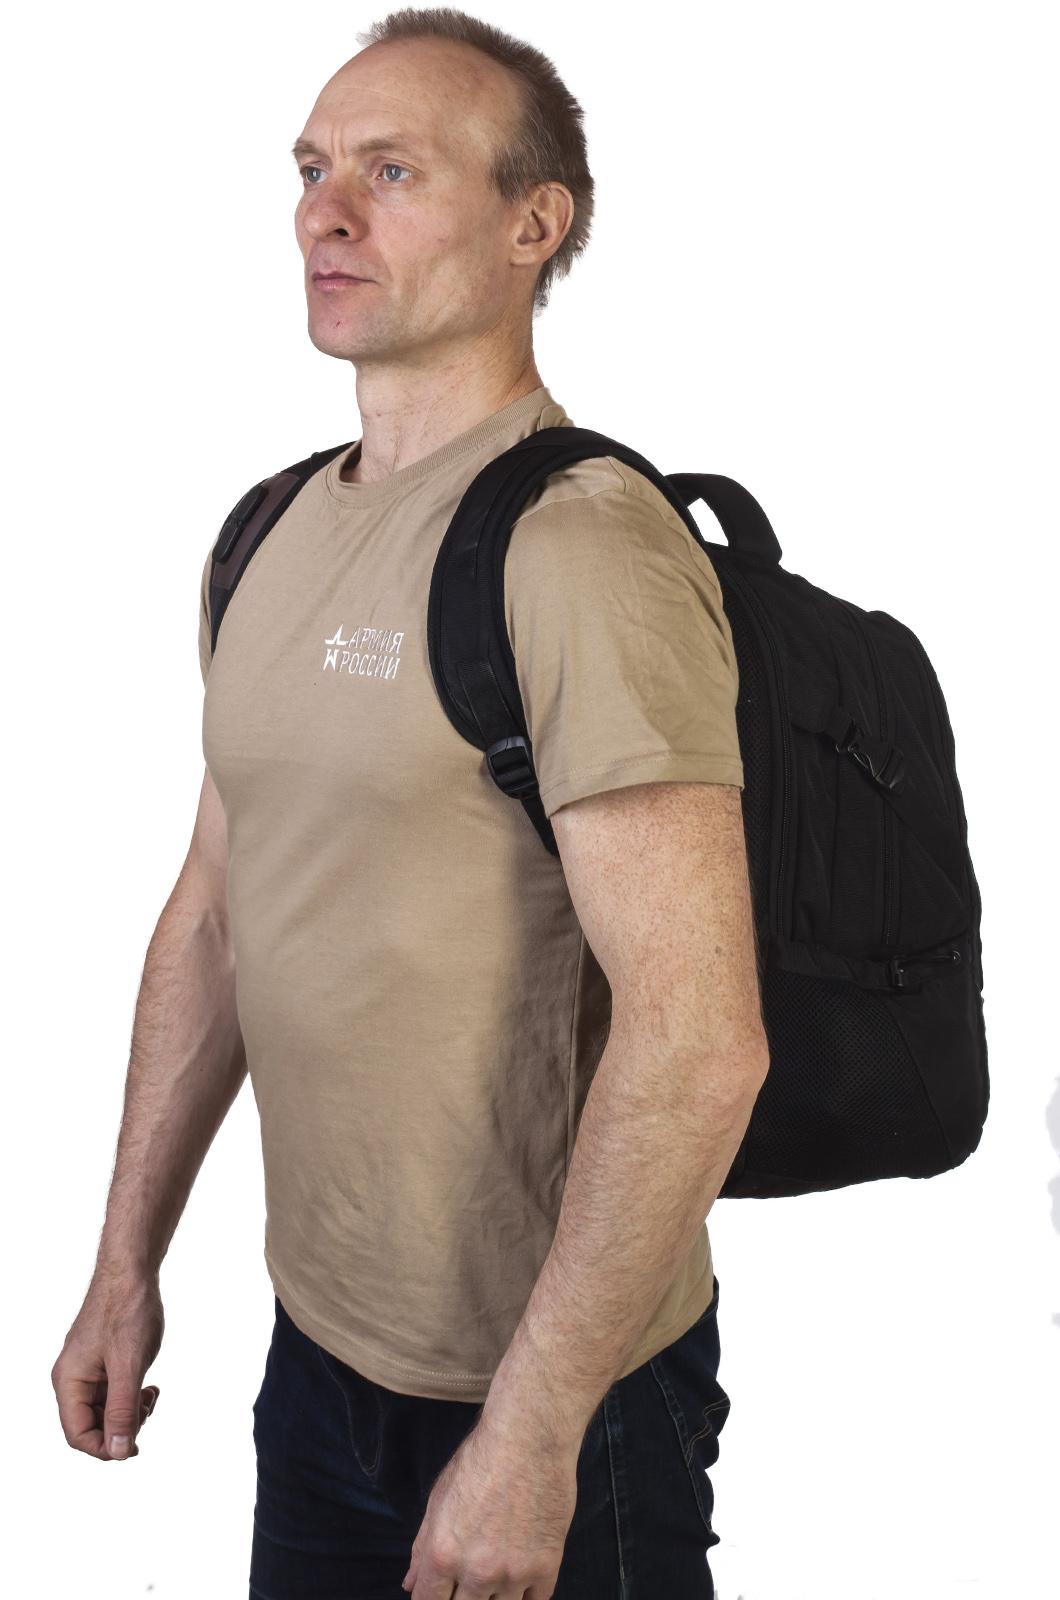 Многоцелевой стильный рюкзак с флагом ЛНР - купить по низкой цене